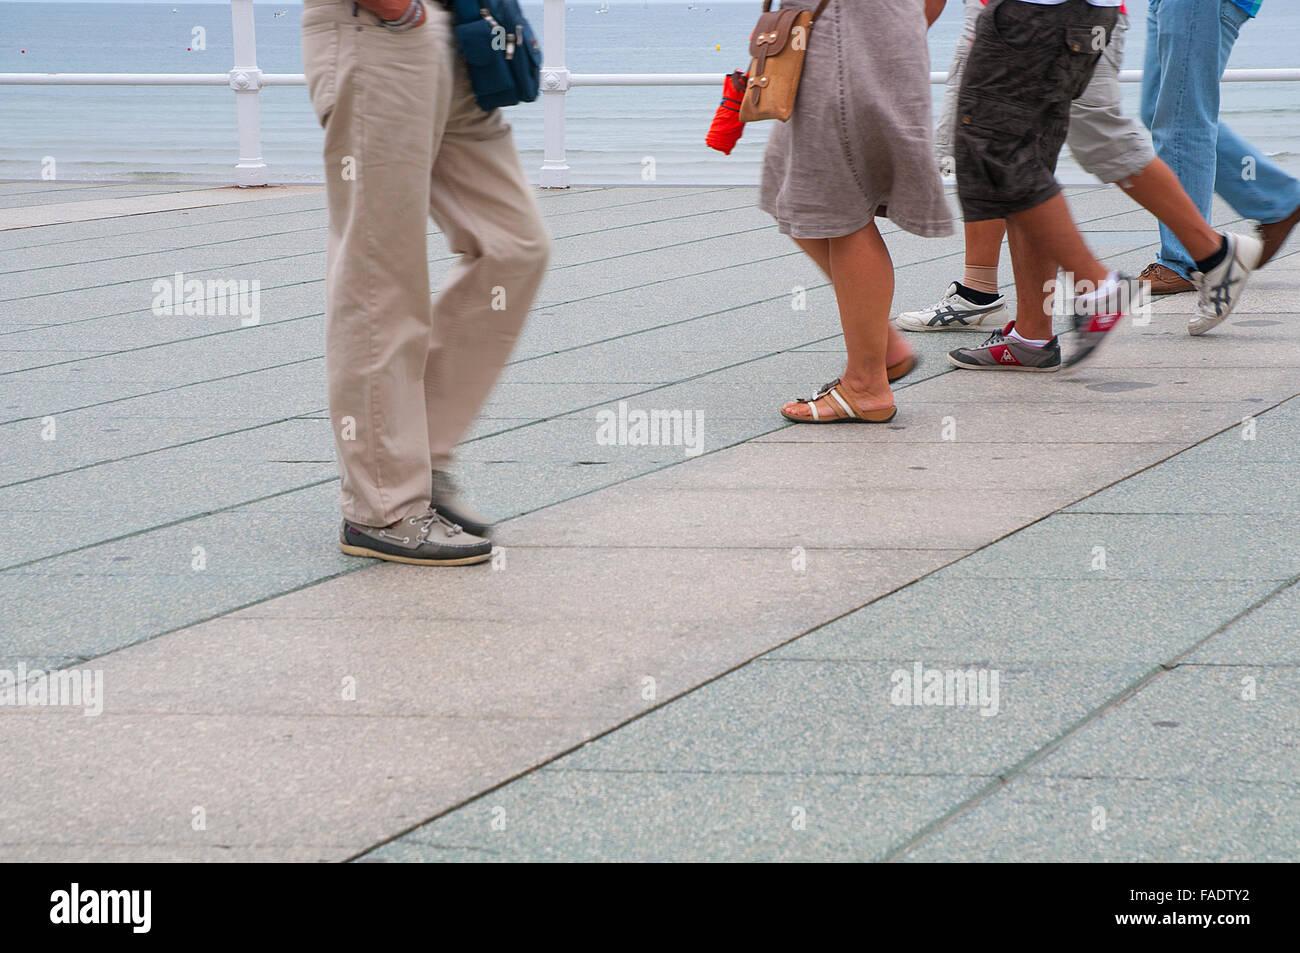 Las piernas de la gente caminando por el paseo marítimo. Gijon, Asturias, España. Imagen De Stock